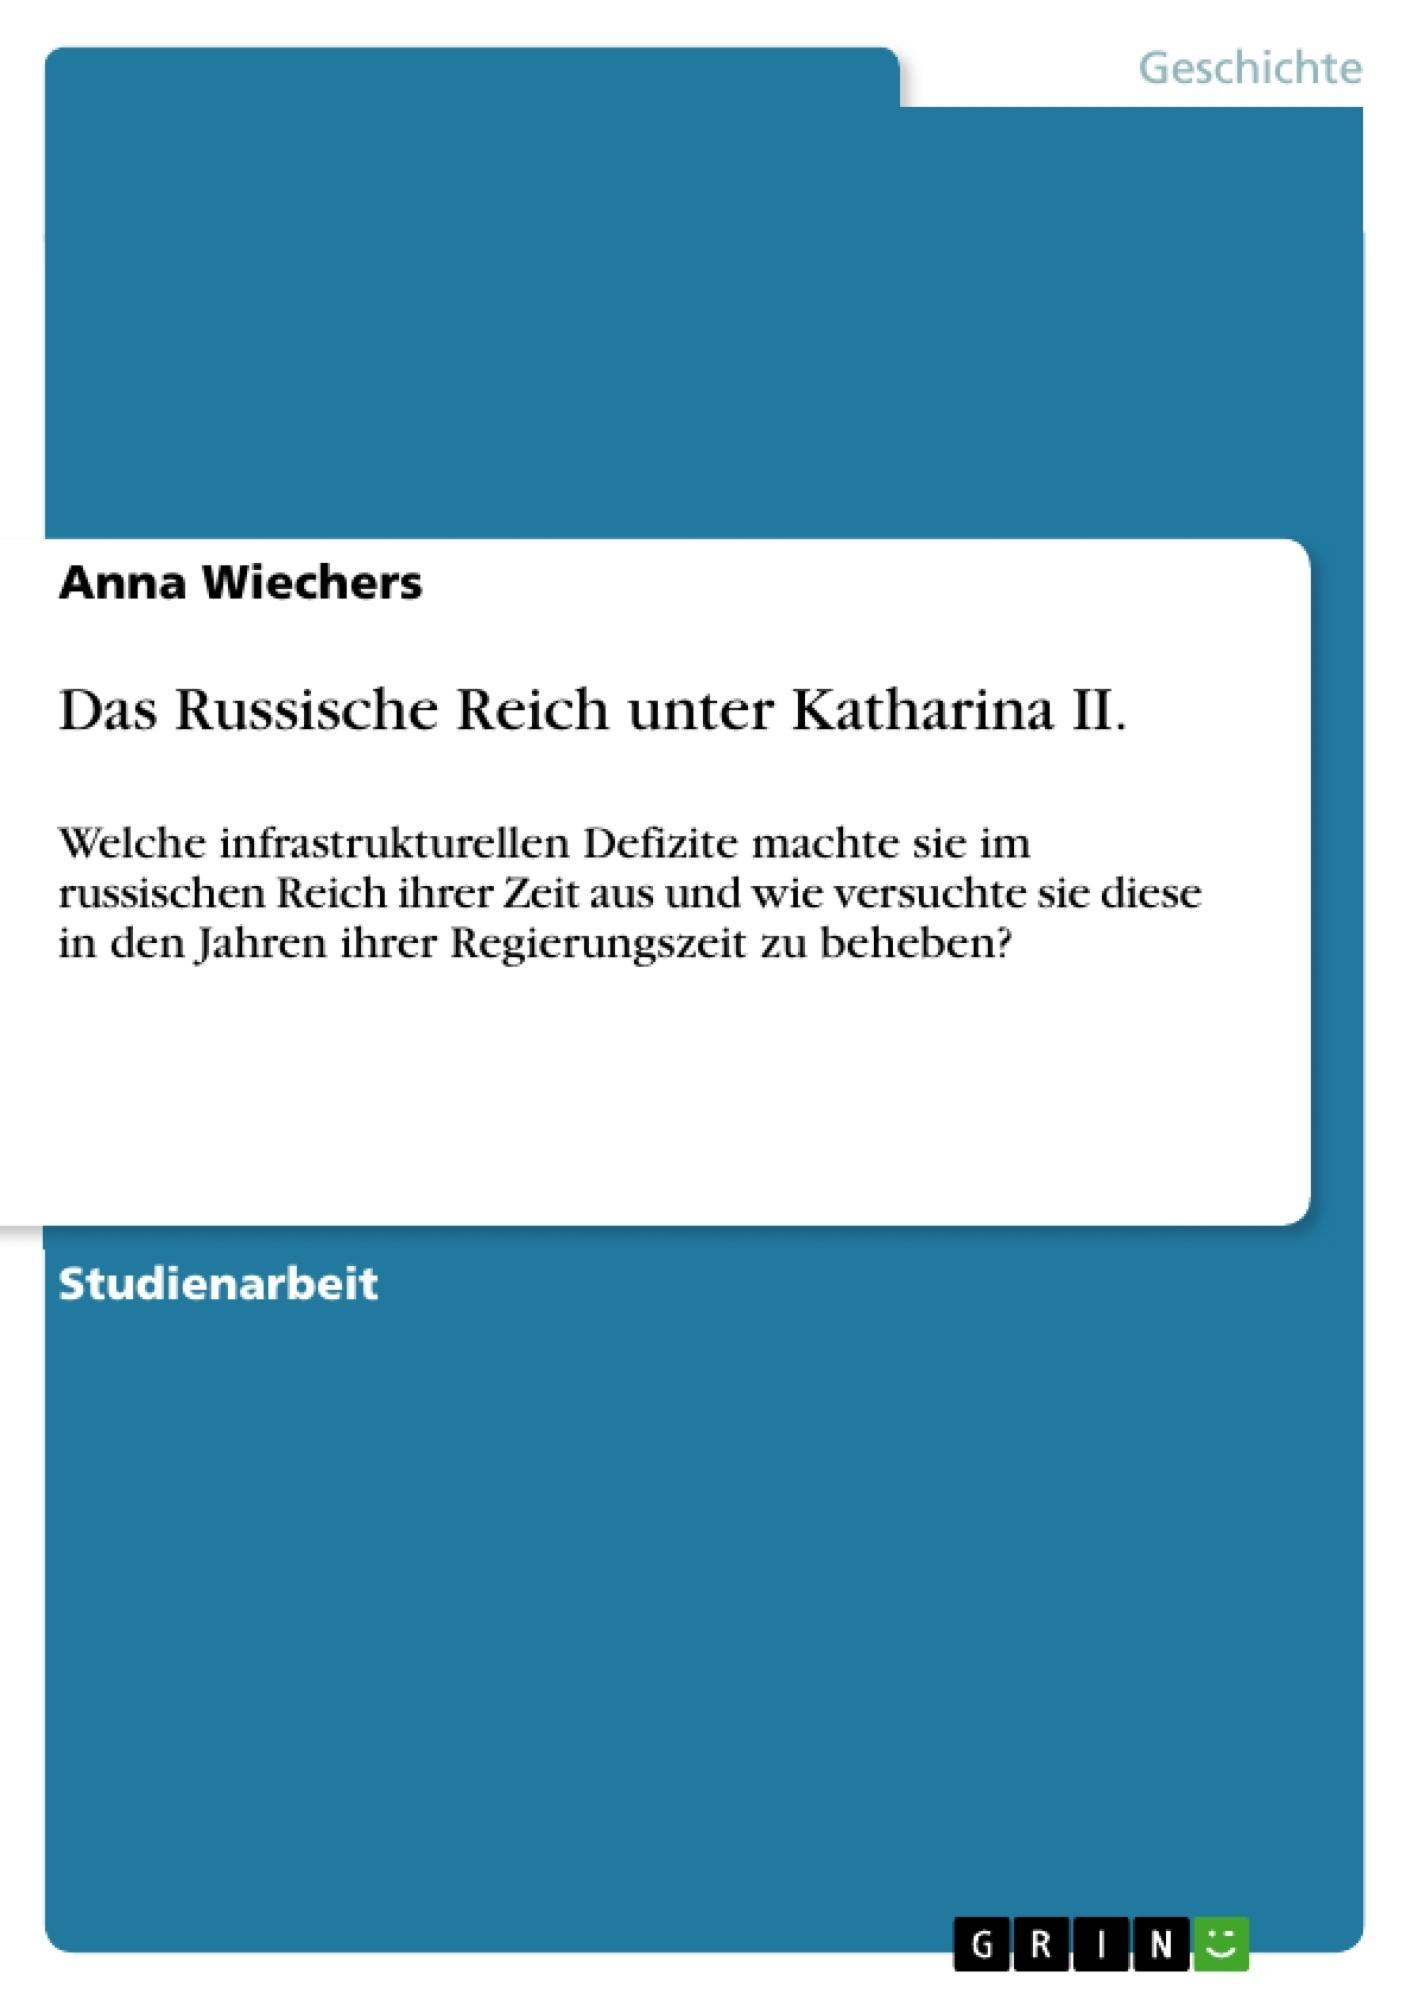 Titel: Das Russische Reich unter Katharina II.